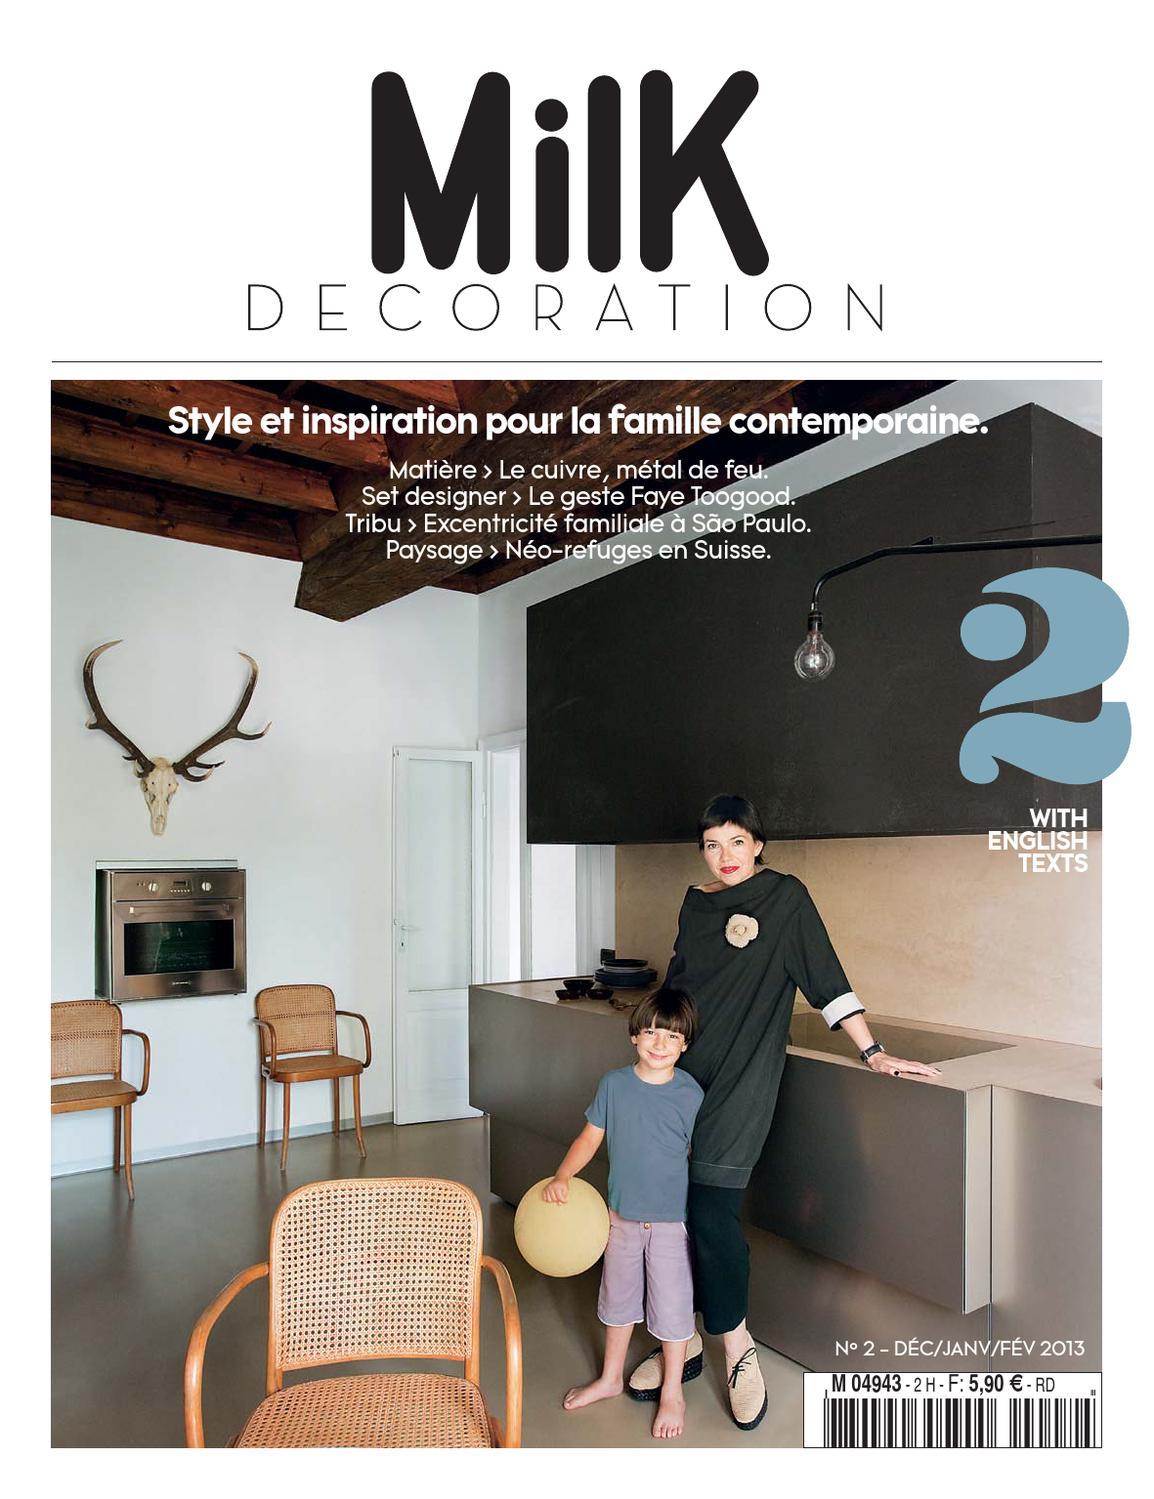 Milk Decoration N°2 Issuu N°2 By Milk Decoration c1J3FTlK